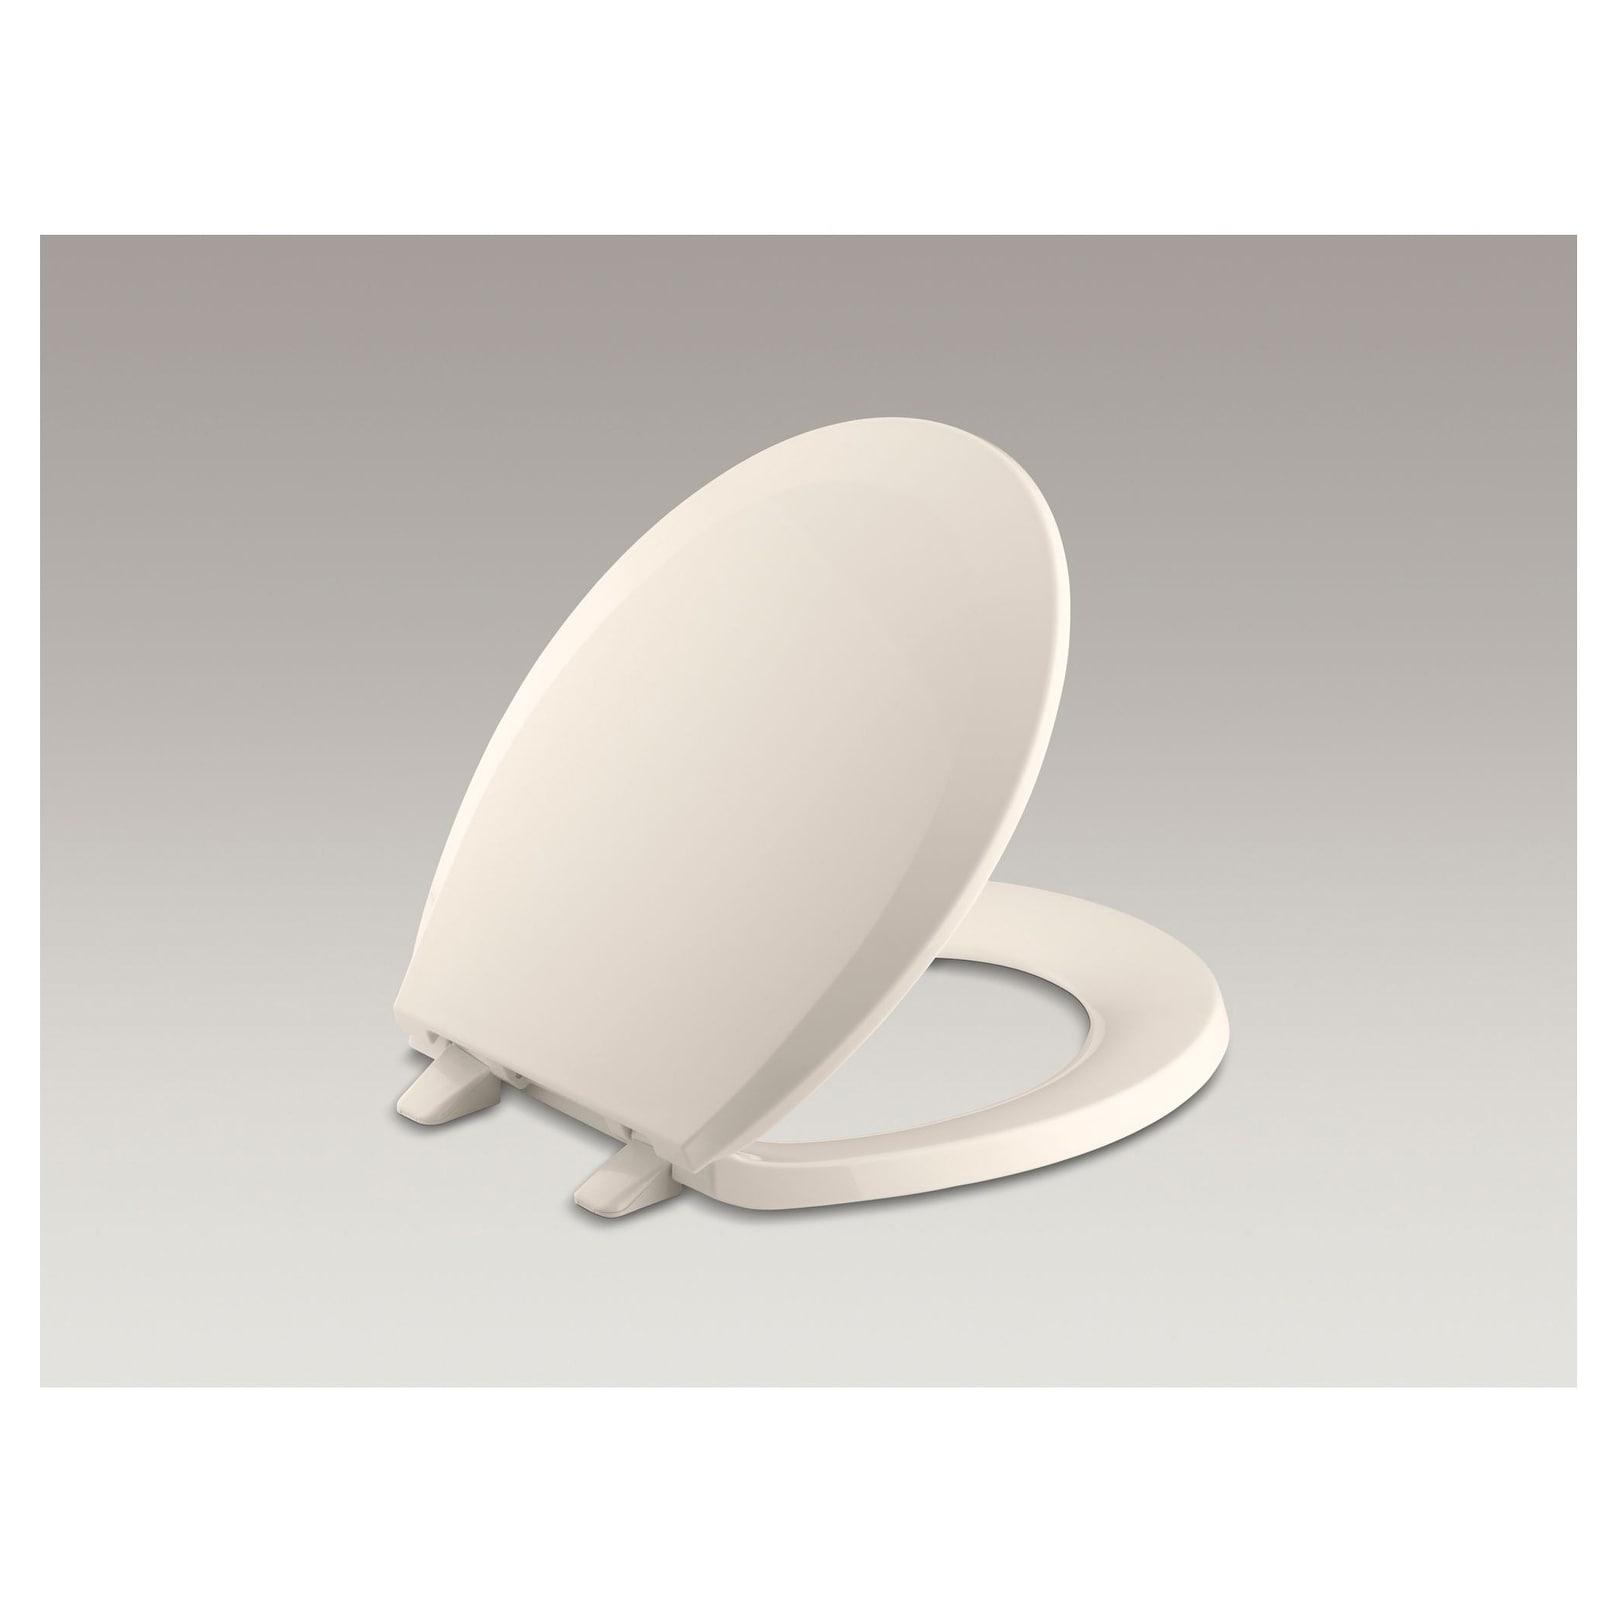 Pleasant Kohler Lustra Plastic Round Toilet Seat K 4662 55 Innocent Blush Ncnpc Chair Design For Home Ncnpcorg